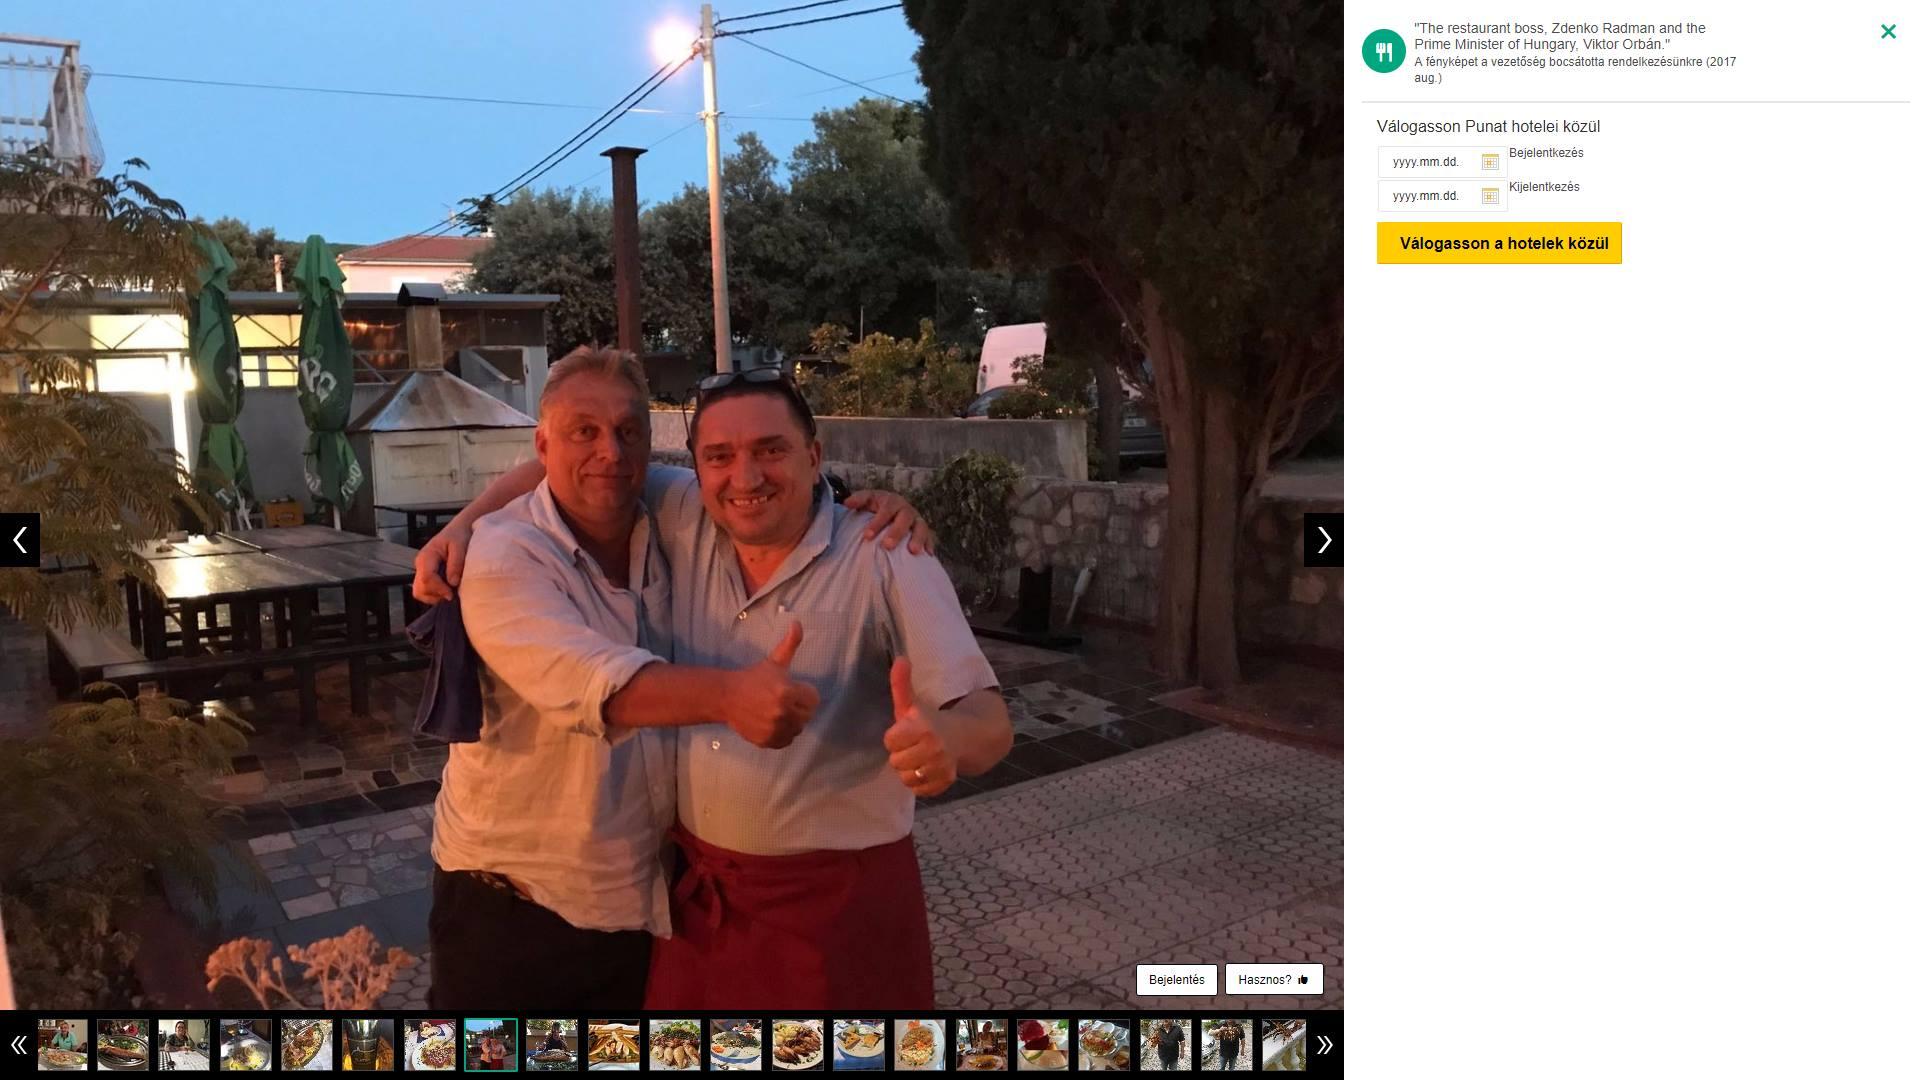 Egy horvát étteremtulajdonos buktatta le Orbánt, aki nem akarta elárulni, hol nyaral